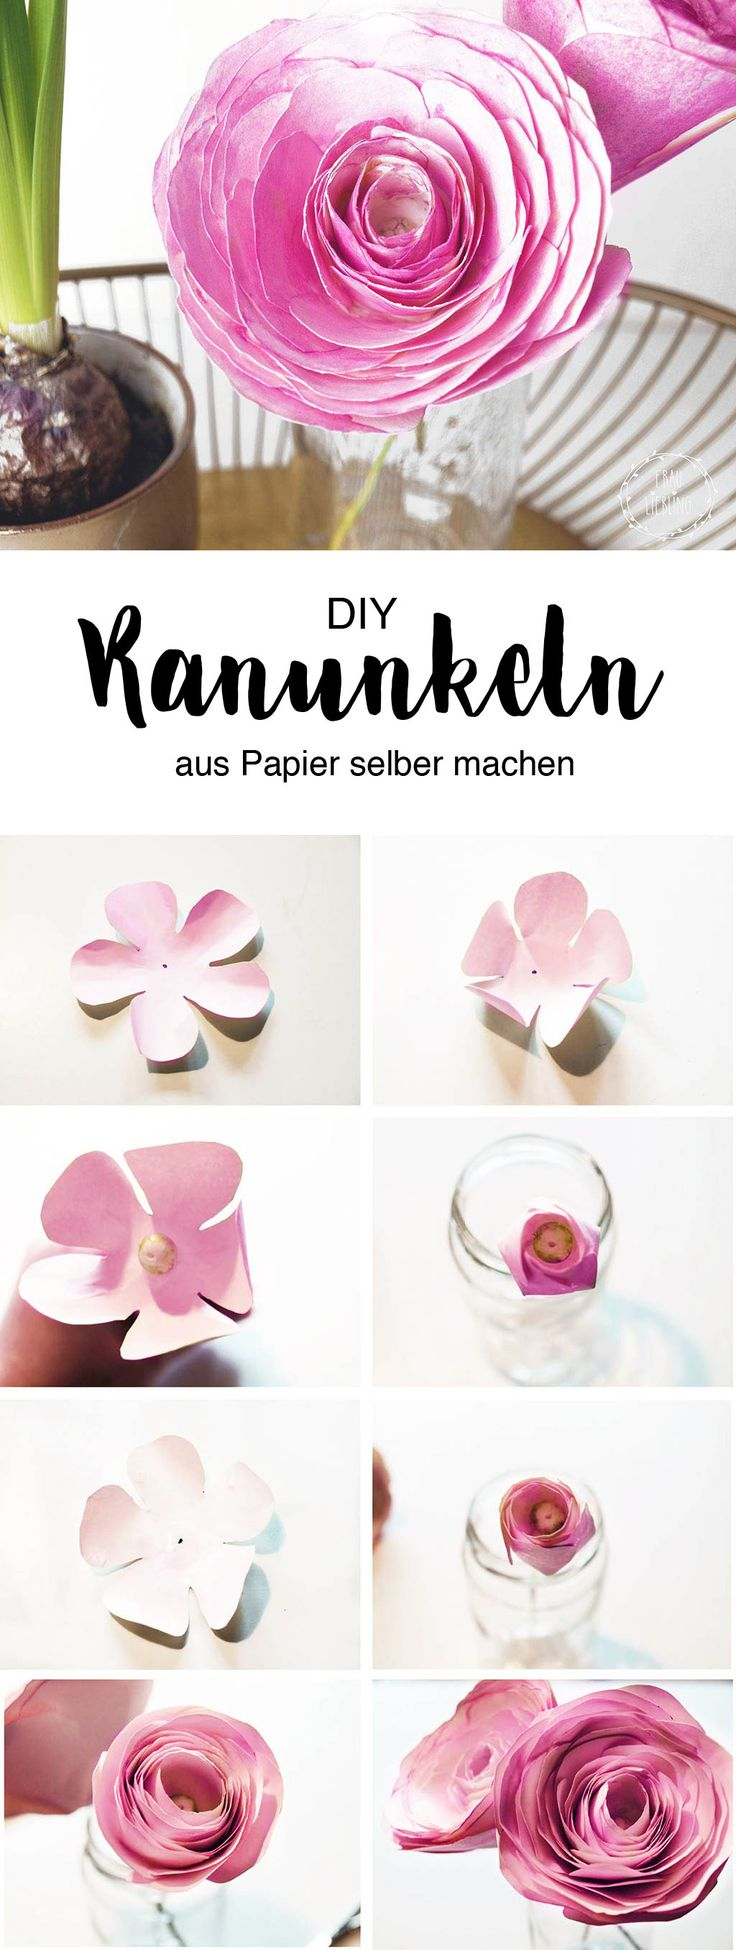 DIY Papierblumen Schöne Ranunkeln ganz einfach selber machen